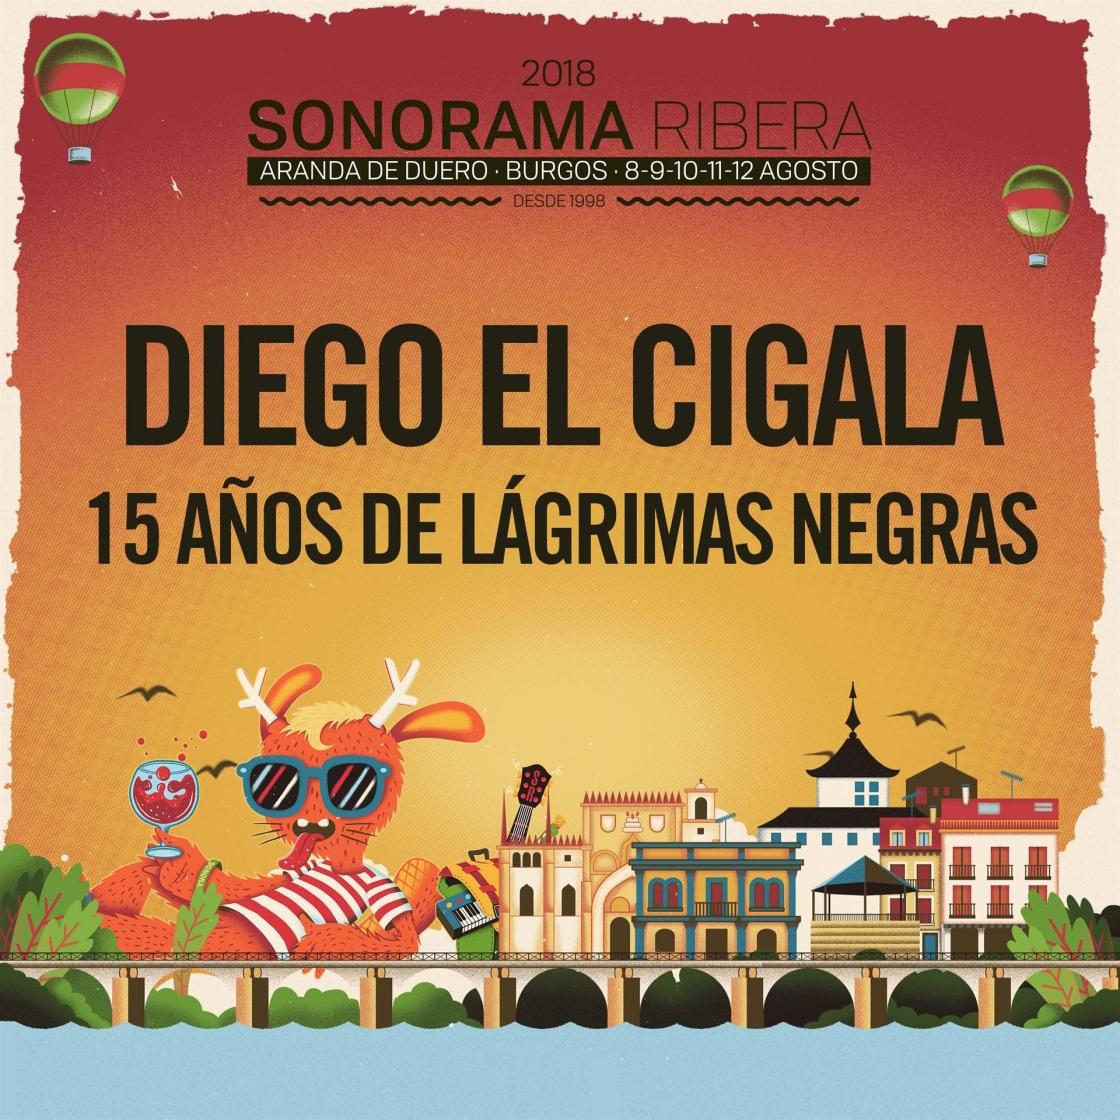 Sonorama Ribera añade otro nombre a su cartel